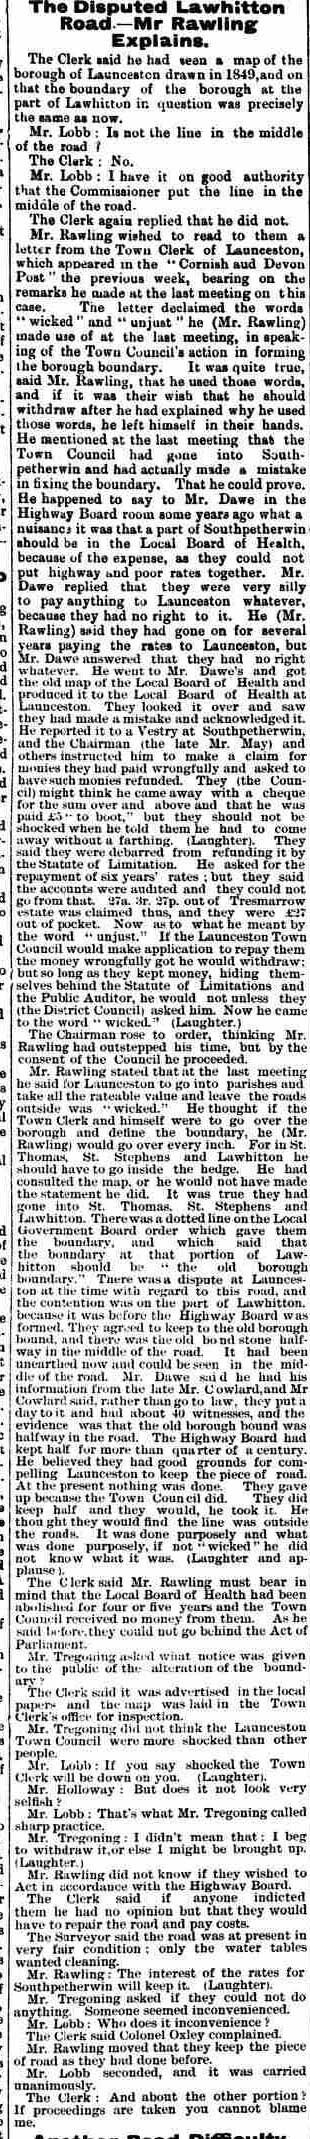 11 May 1895